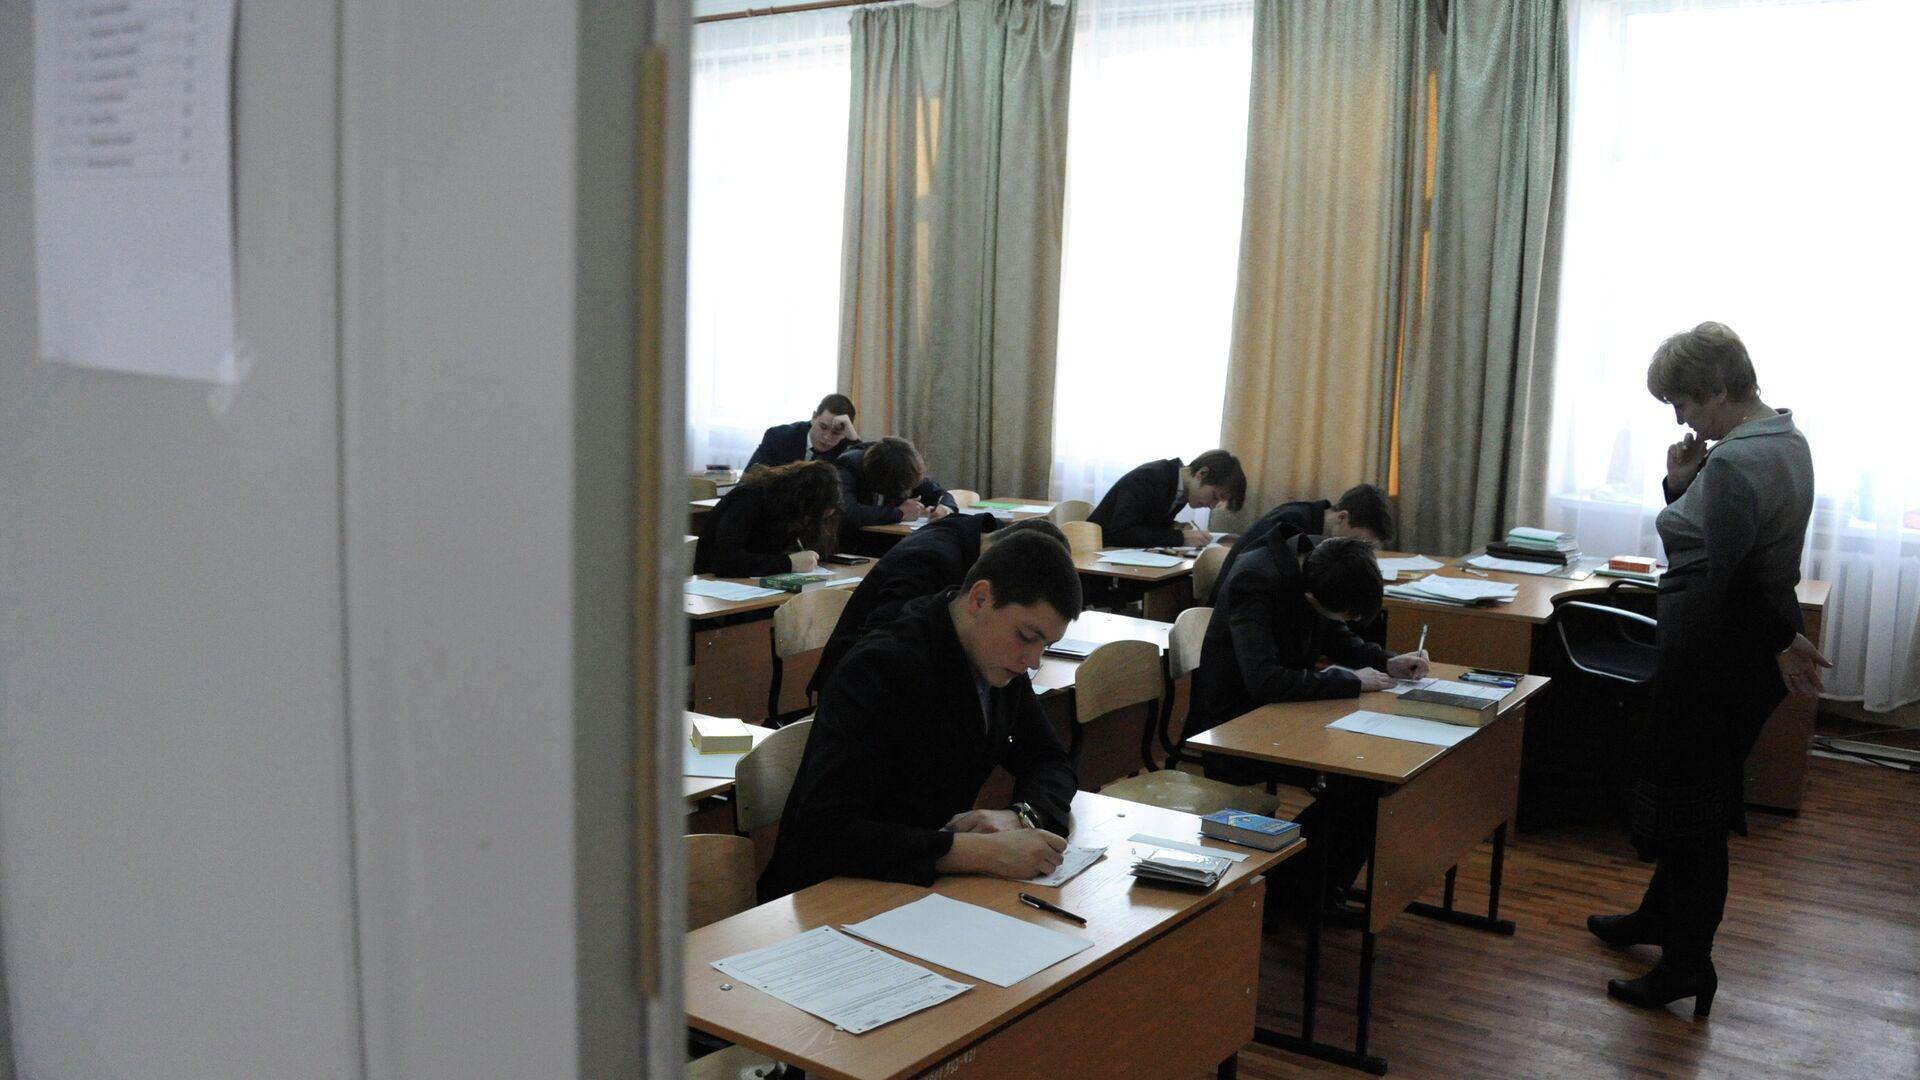 Экзамены в школе - Sputnik Беларусь, 1920, 02.08.2021